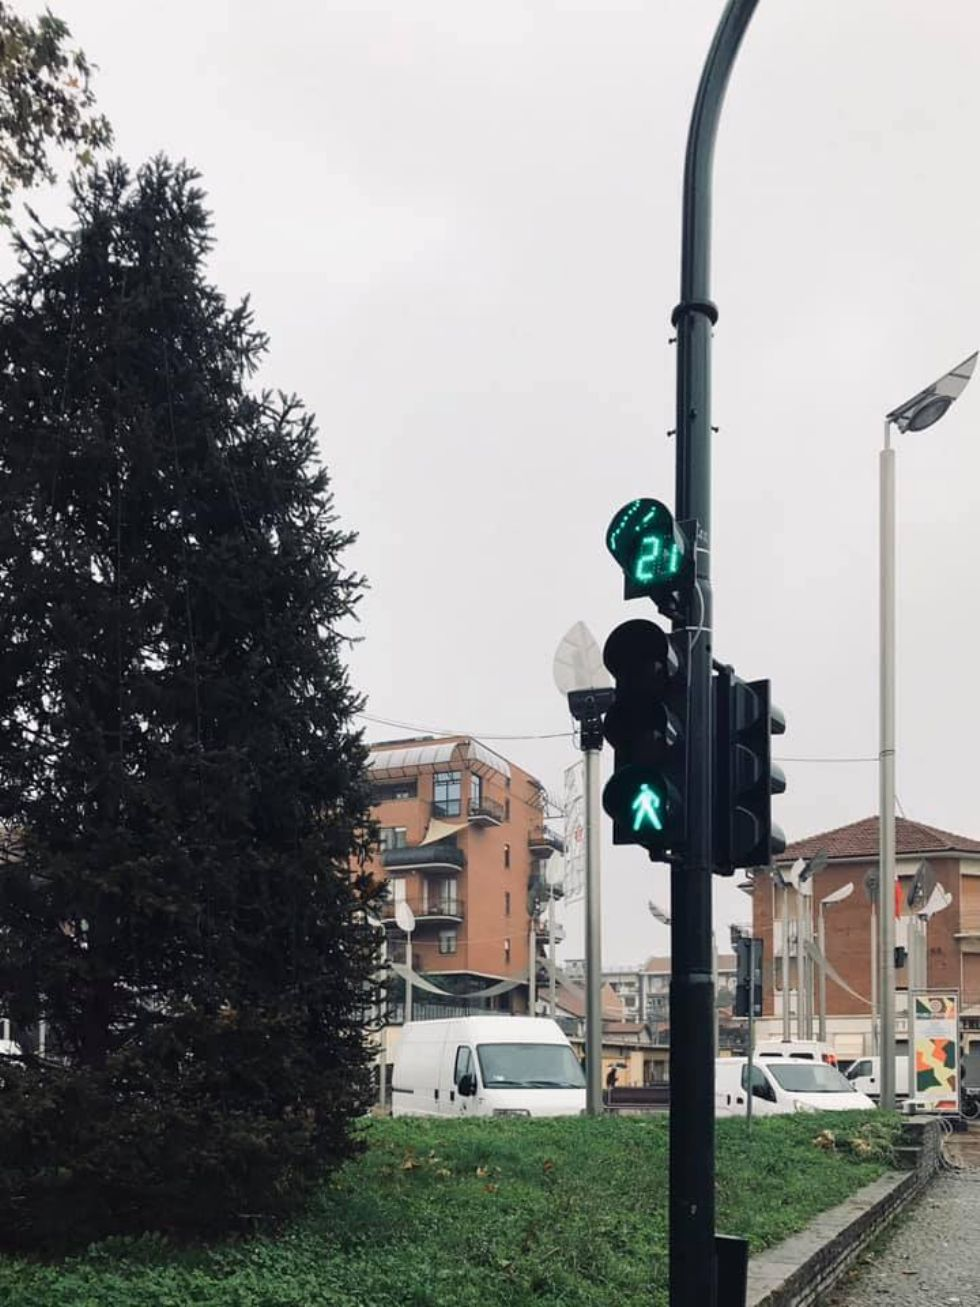 NICHELINO - Sui semafori della città arrivano i contasecondi